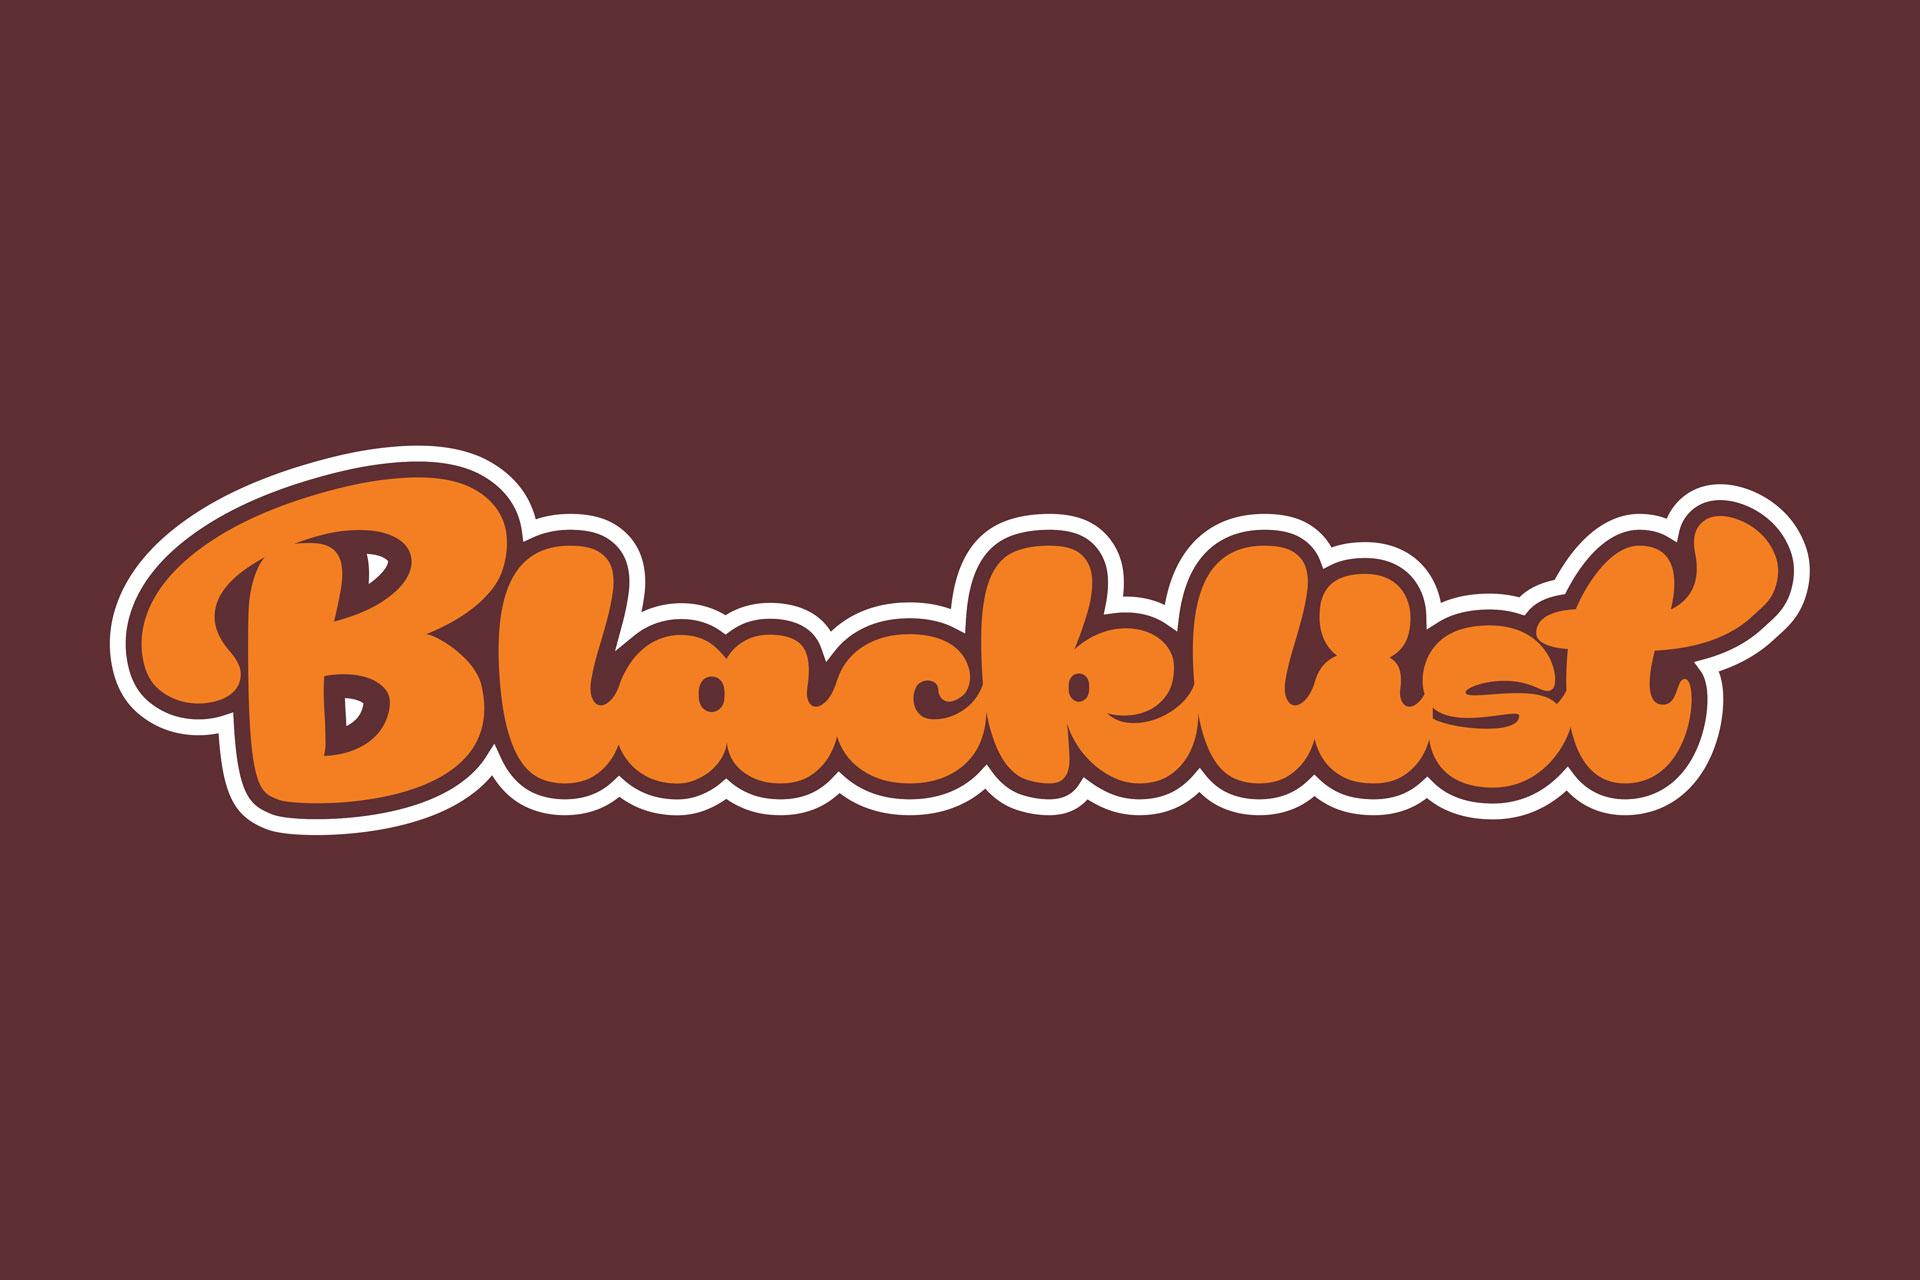 Jangenfalk & Lundevall, Blacklist